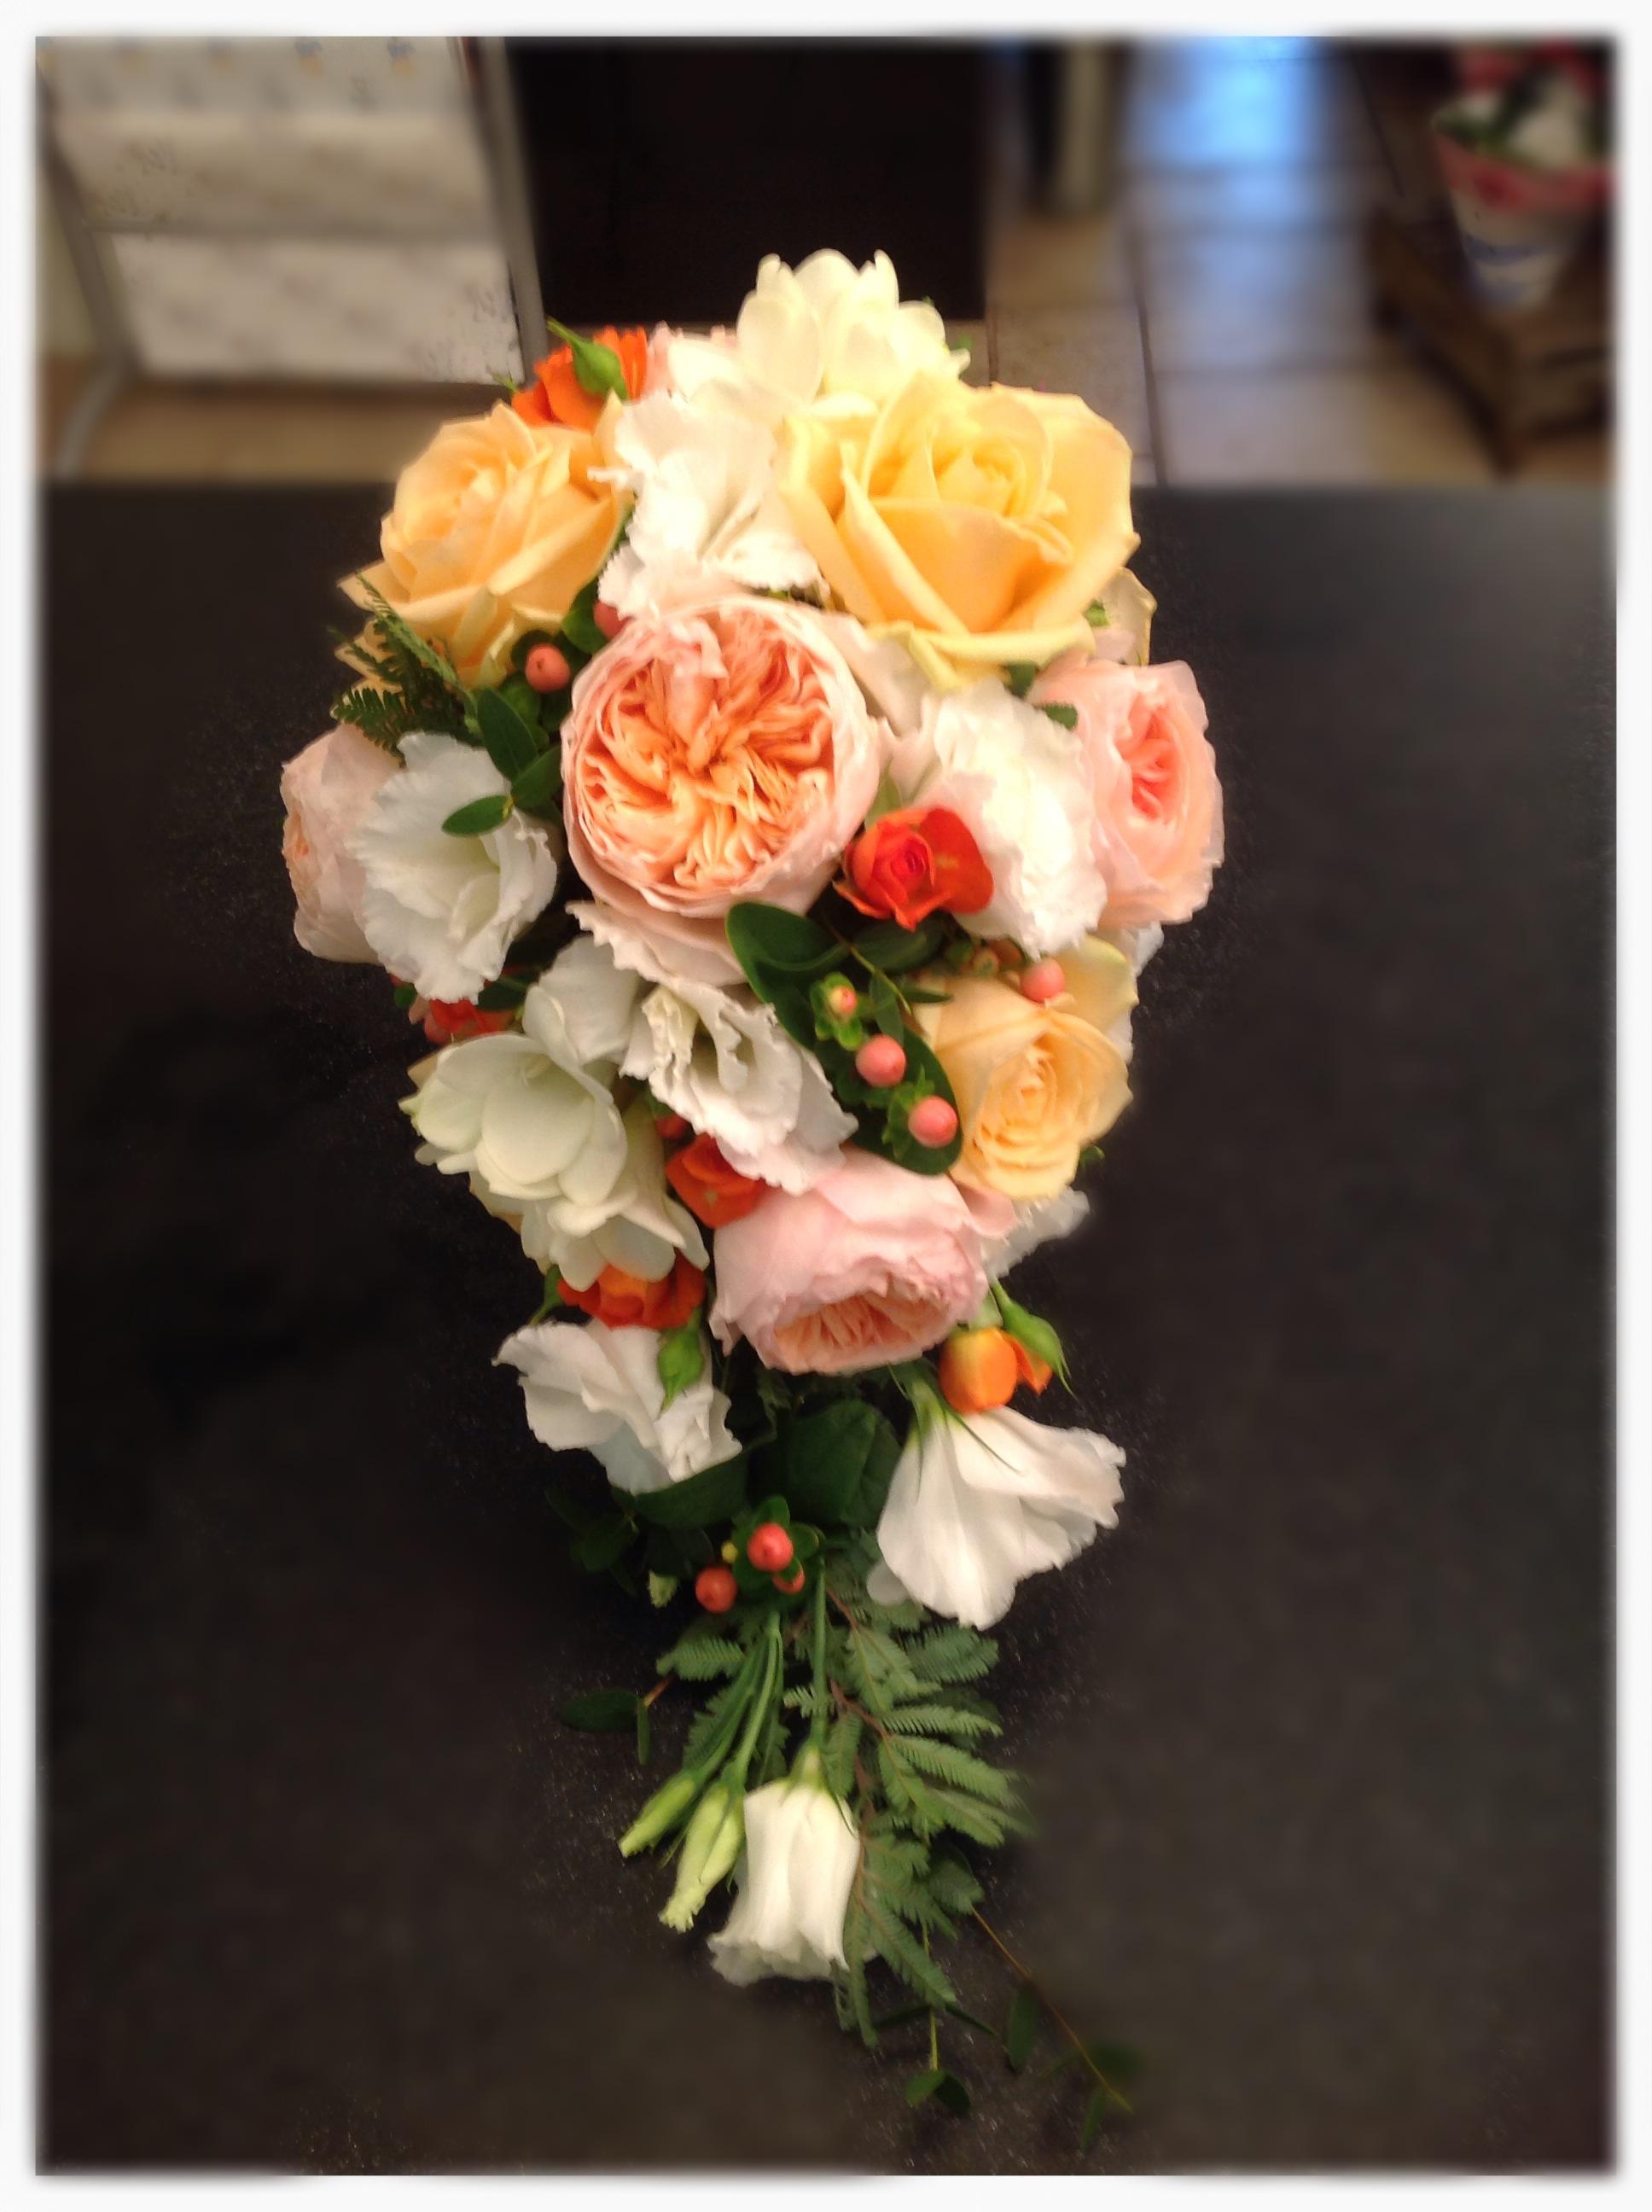 Bridal shower bouquet